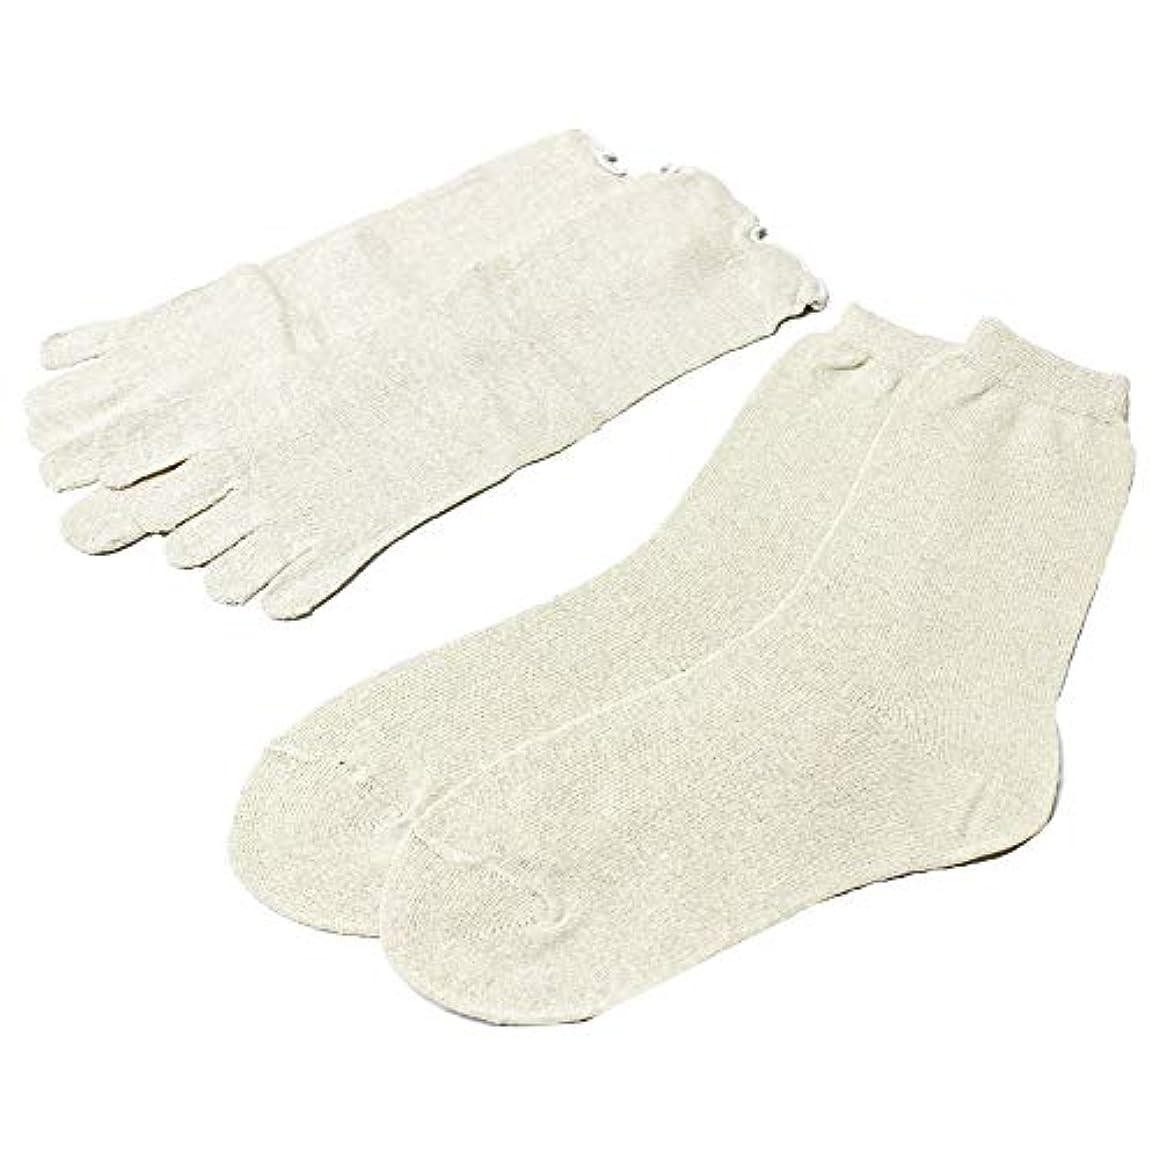 長老サイトライン協力するひえとり靴下 シルク 冷え取り靴下 シルク 重ね履き インナーソックス 5本指 くつした